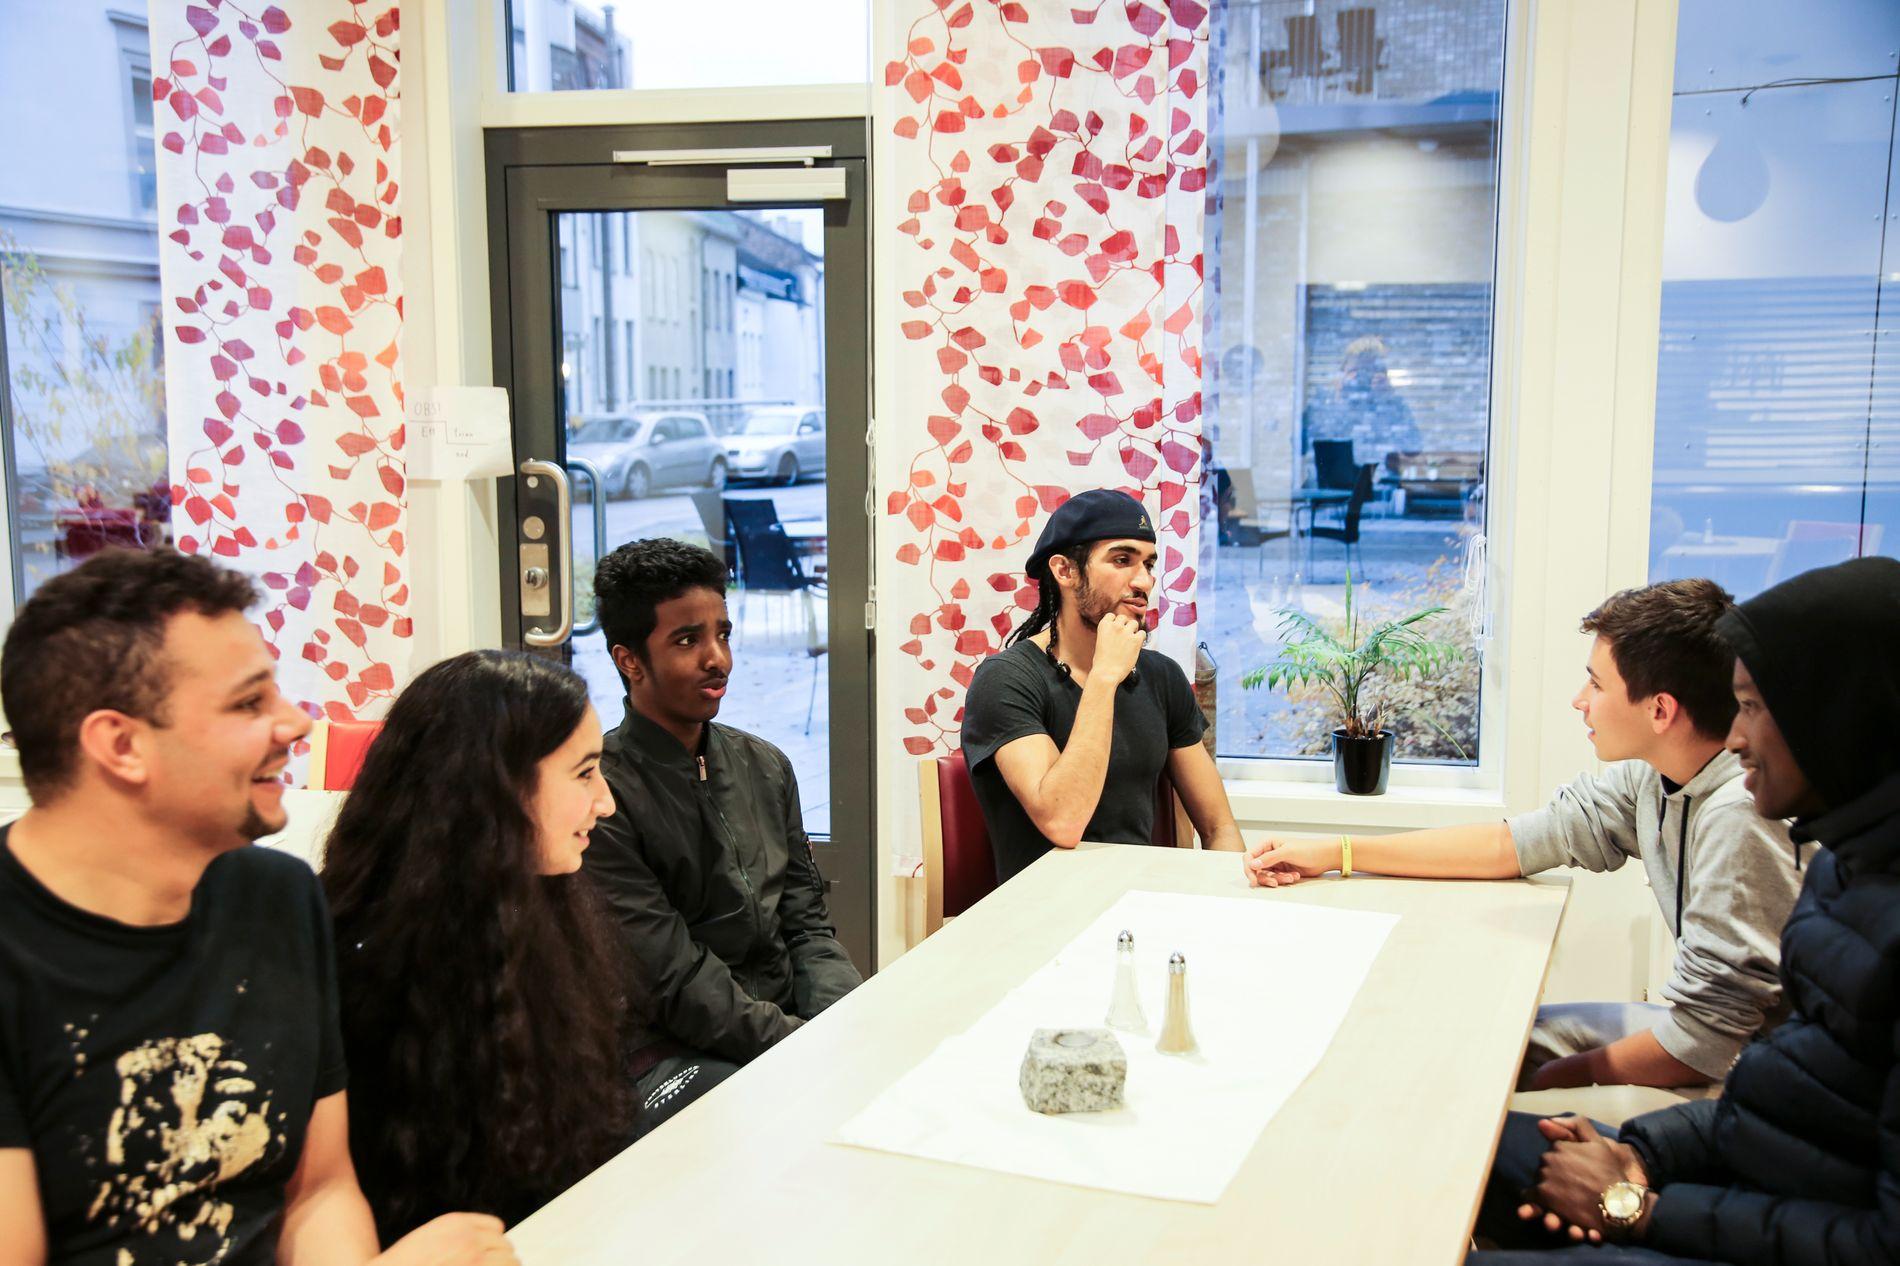 PLANLEGGING: Før de setter igang med arbeidet , planlegger Ungdomsverkstedet hvordan de skal gjennomføre aktivitetene best mulig. Fra venstre: Muhammed Elfstrøm (28), Salwa Talhioui (15), Nur Ahmed (15), Tahar El Montaser (20), Batuhan Berber (14), og Abdi Ahmed (14).